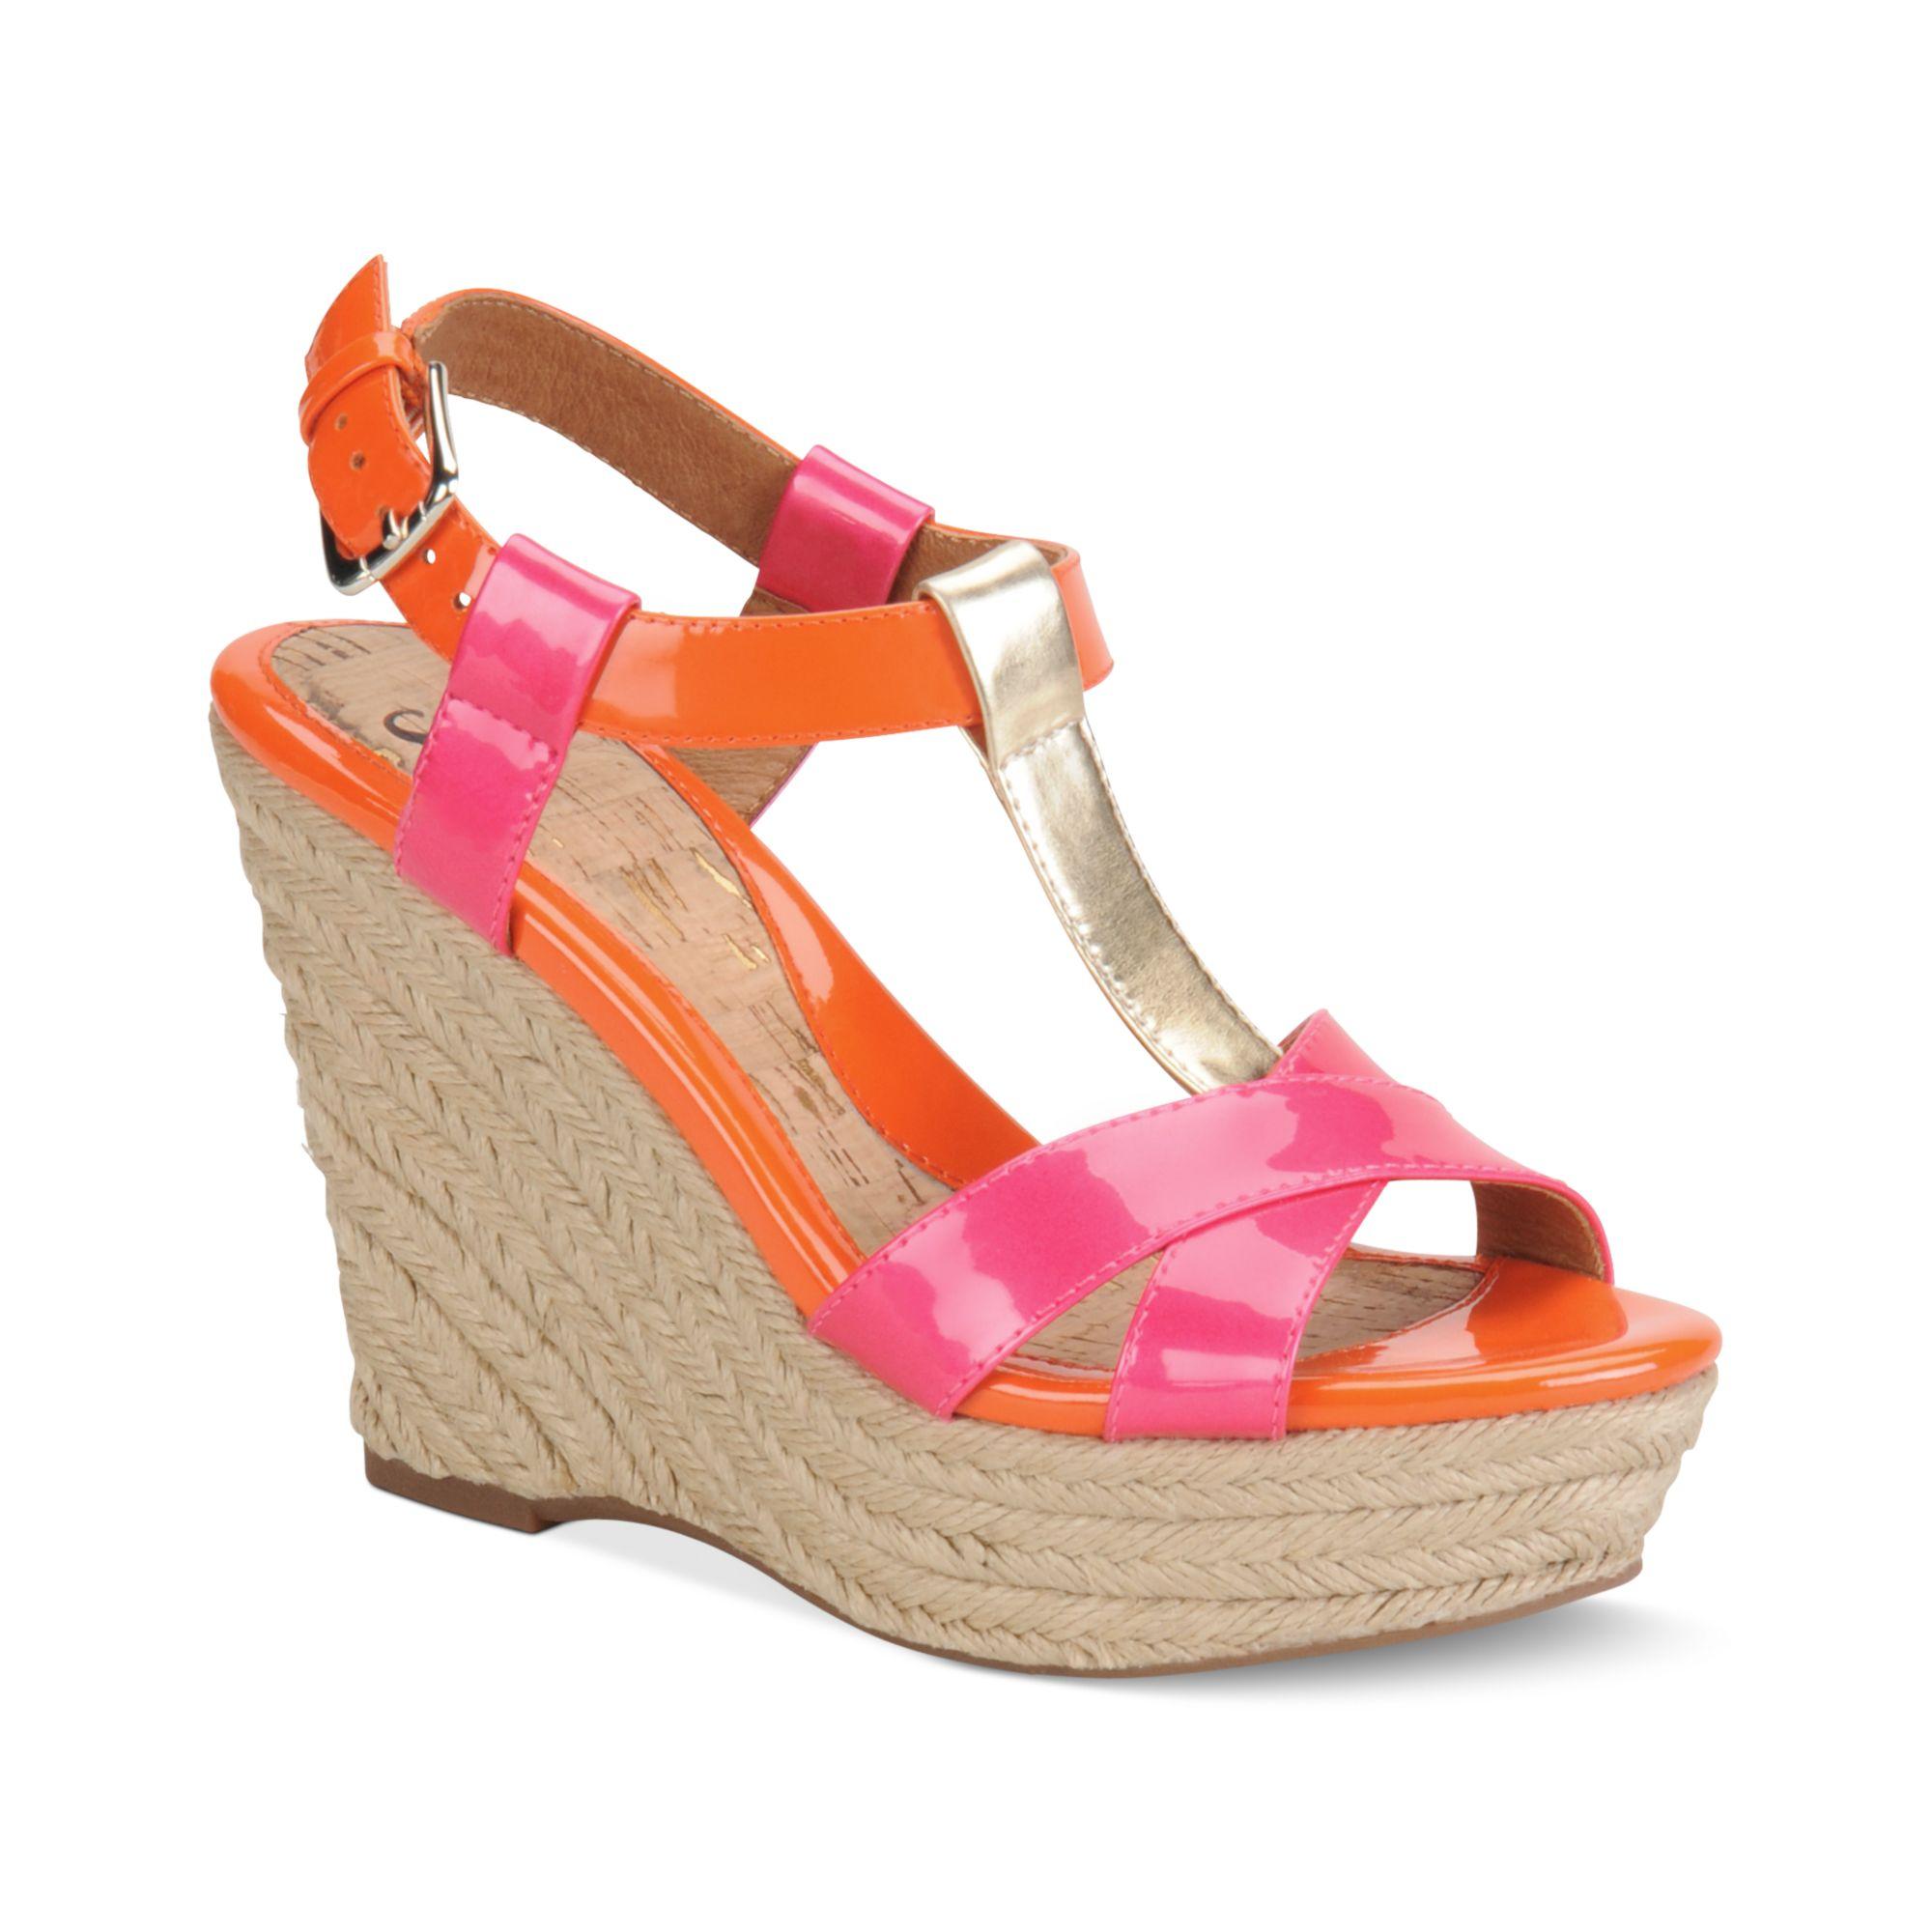 s 246 fft pedra platform wedge sandals in blue orange neon